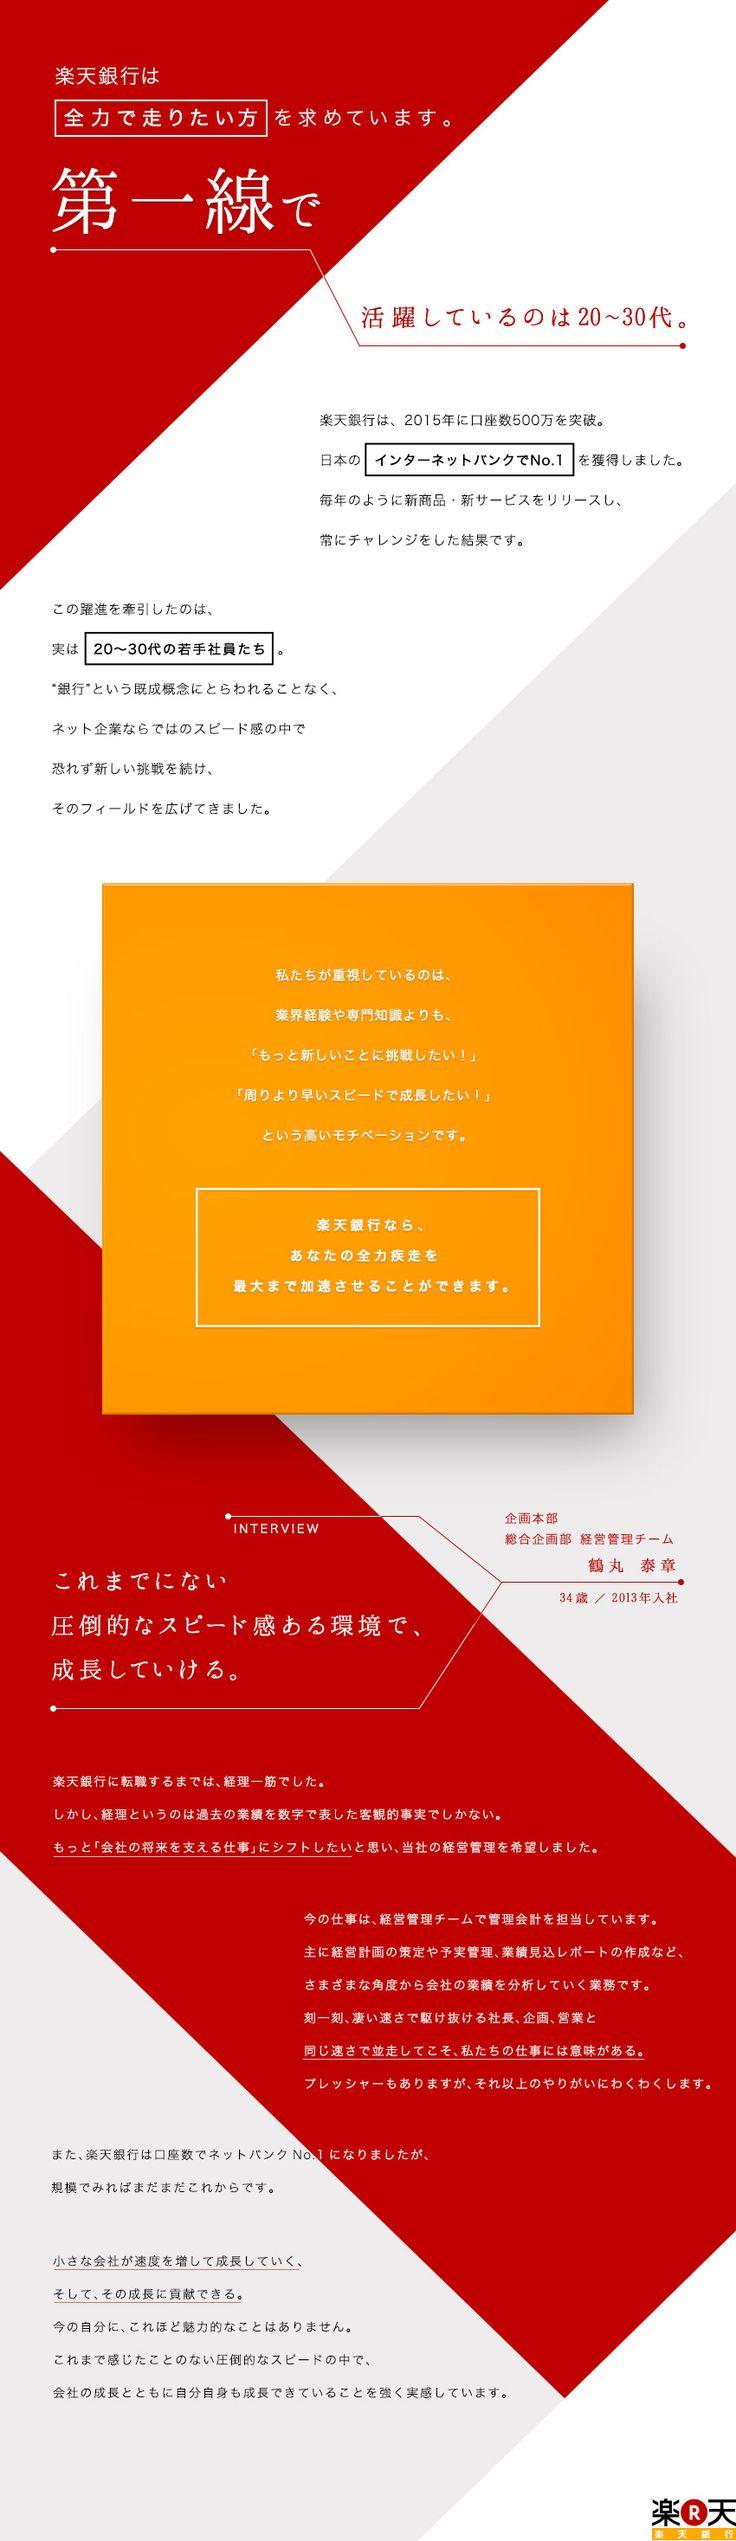 楽天銀行株式会社/経営管理スタッフ(業界未経験者歓迎)の求人PR - 転職ならDODA(デューダ)